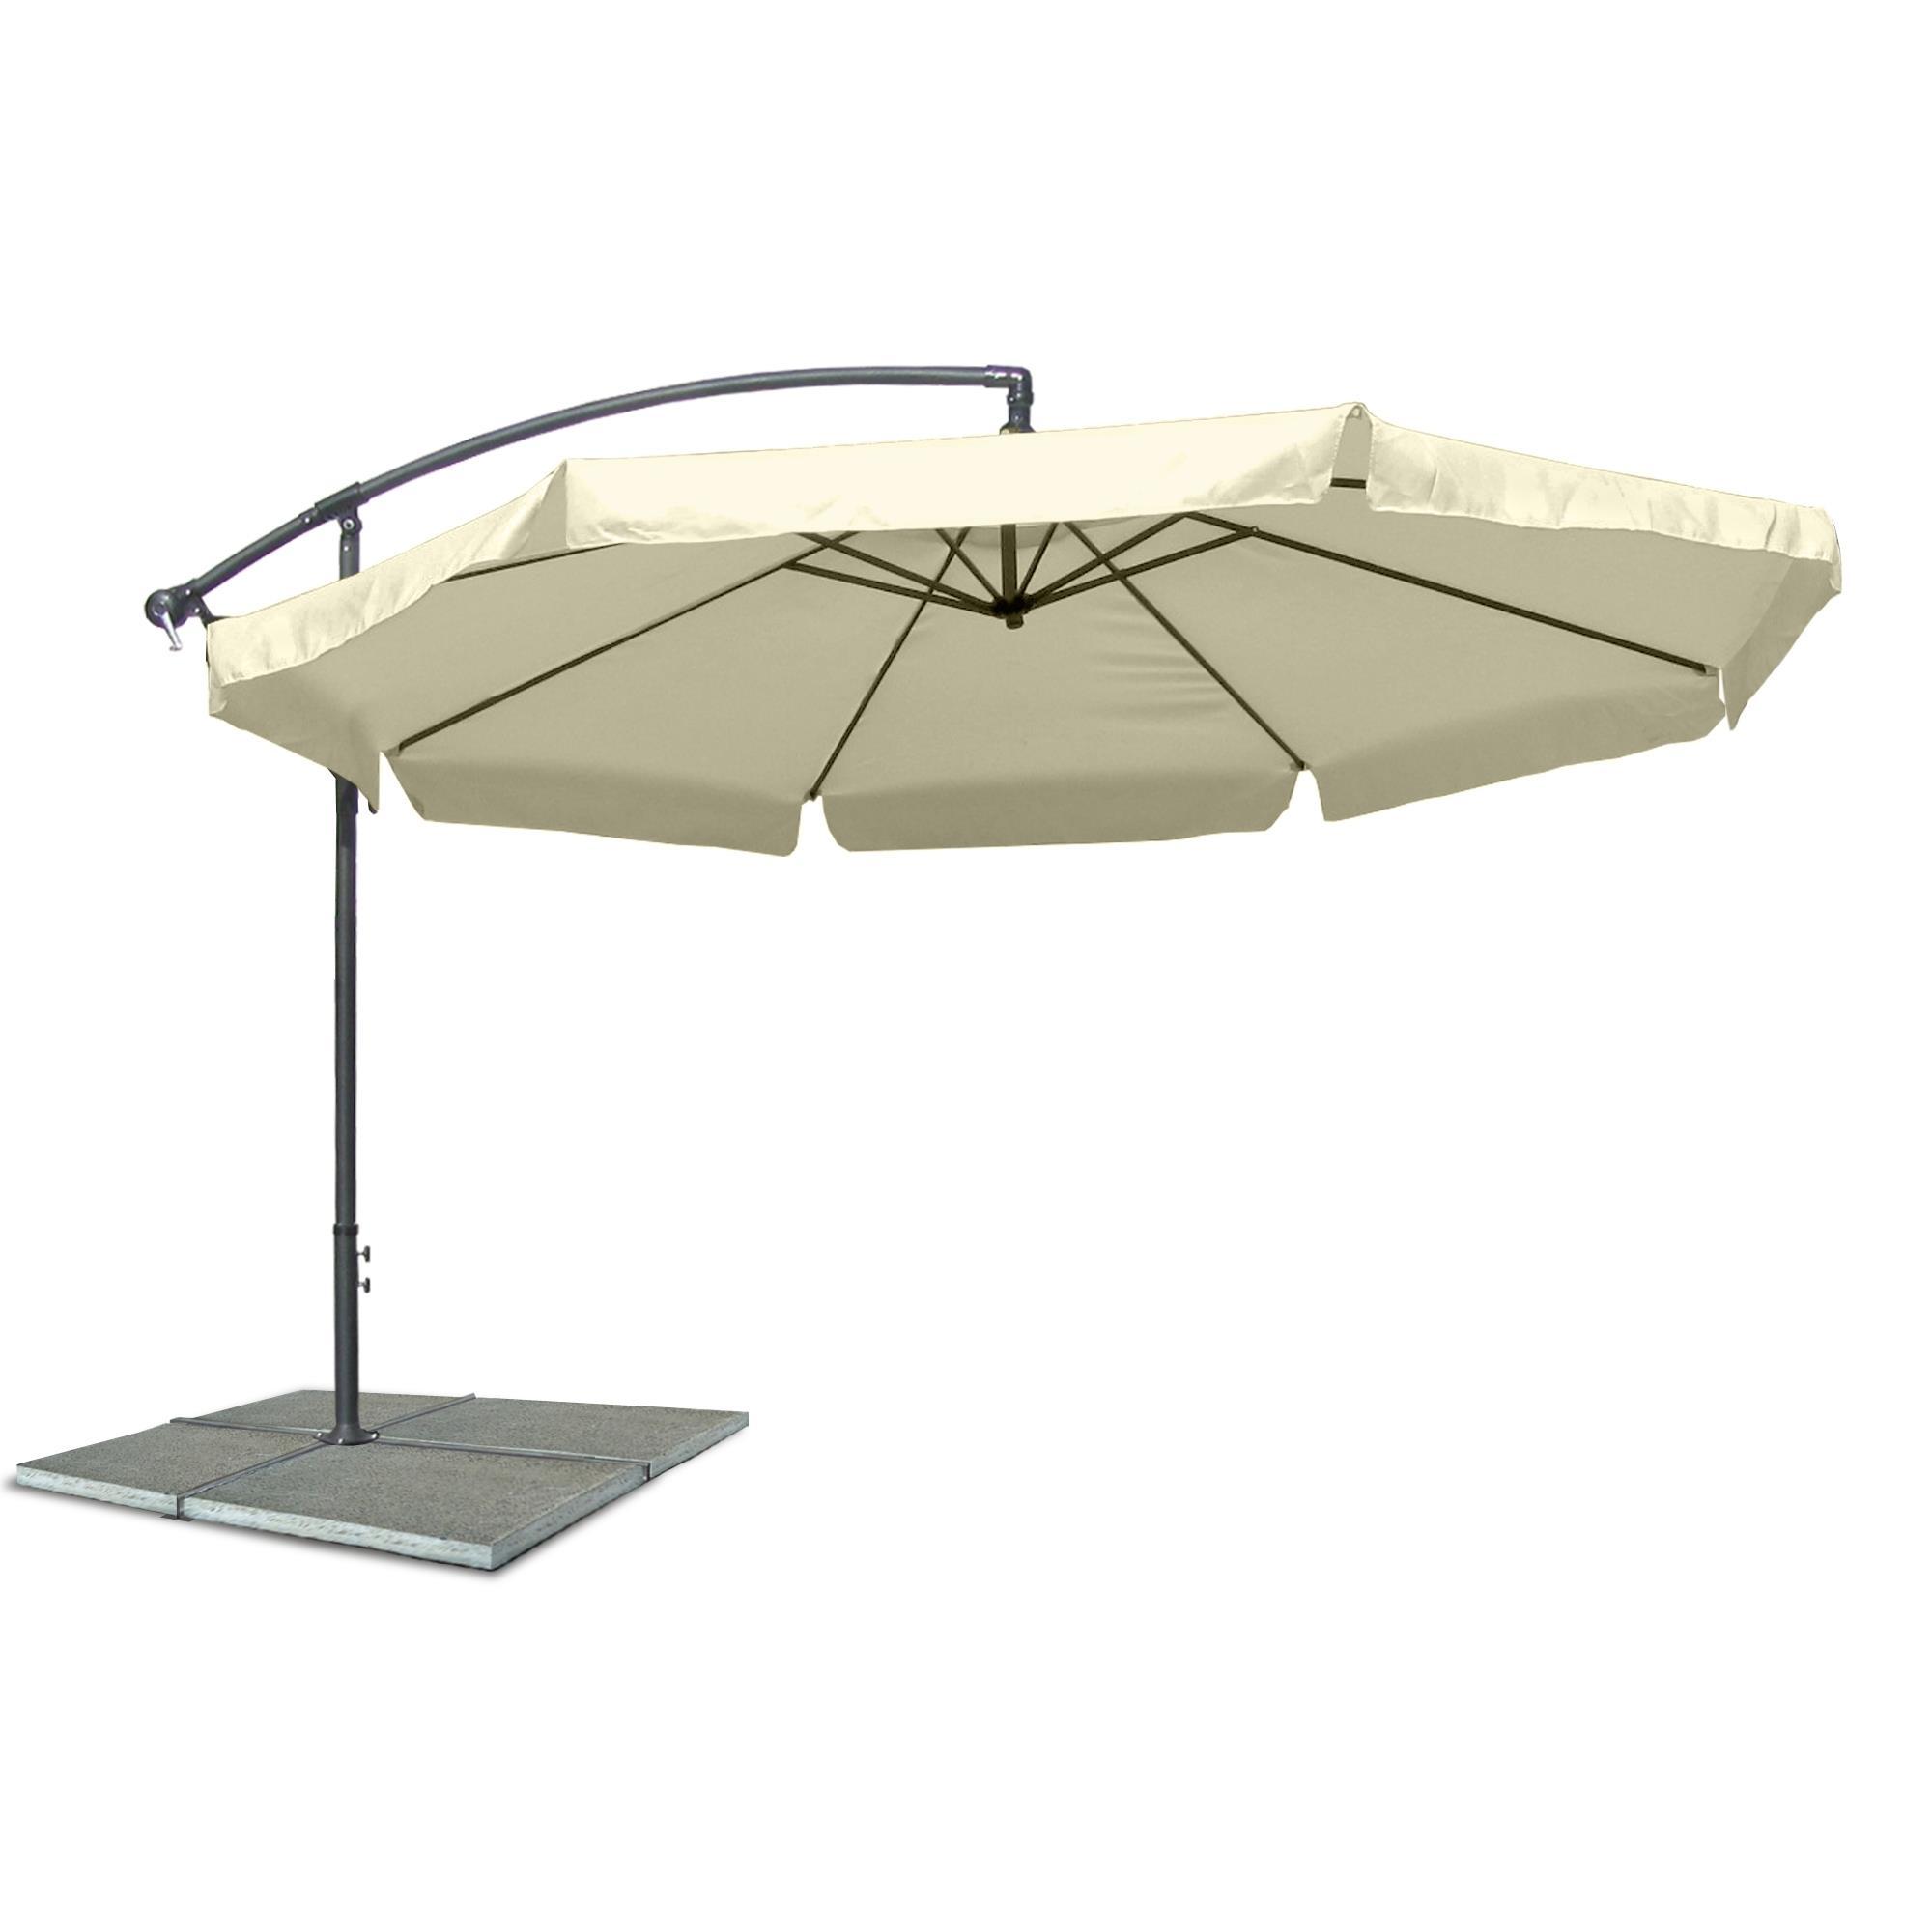 3 5m ampelschirm sonnenschirm garten schirm beige mit kurbel kurbelschirm schirm ebay. Black Bedroom Furniture Sets. Home Design Ideas